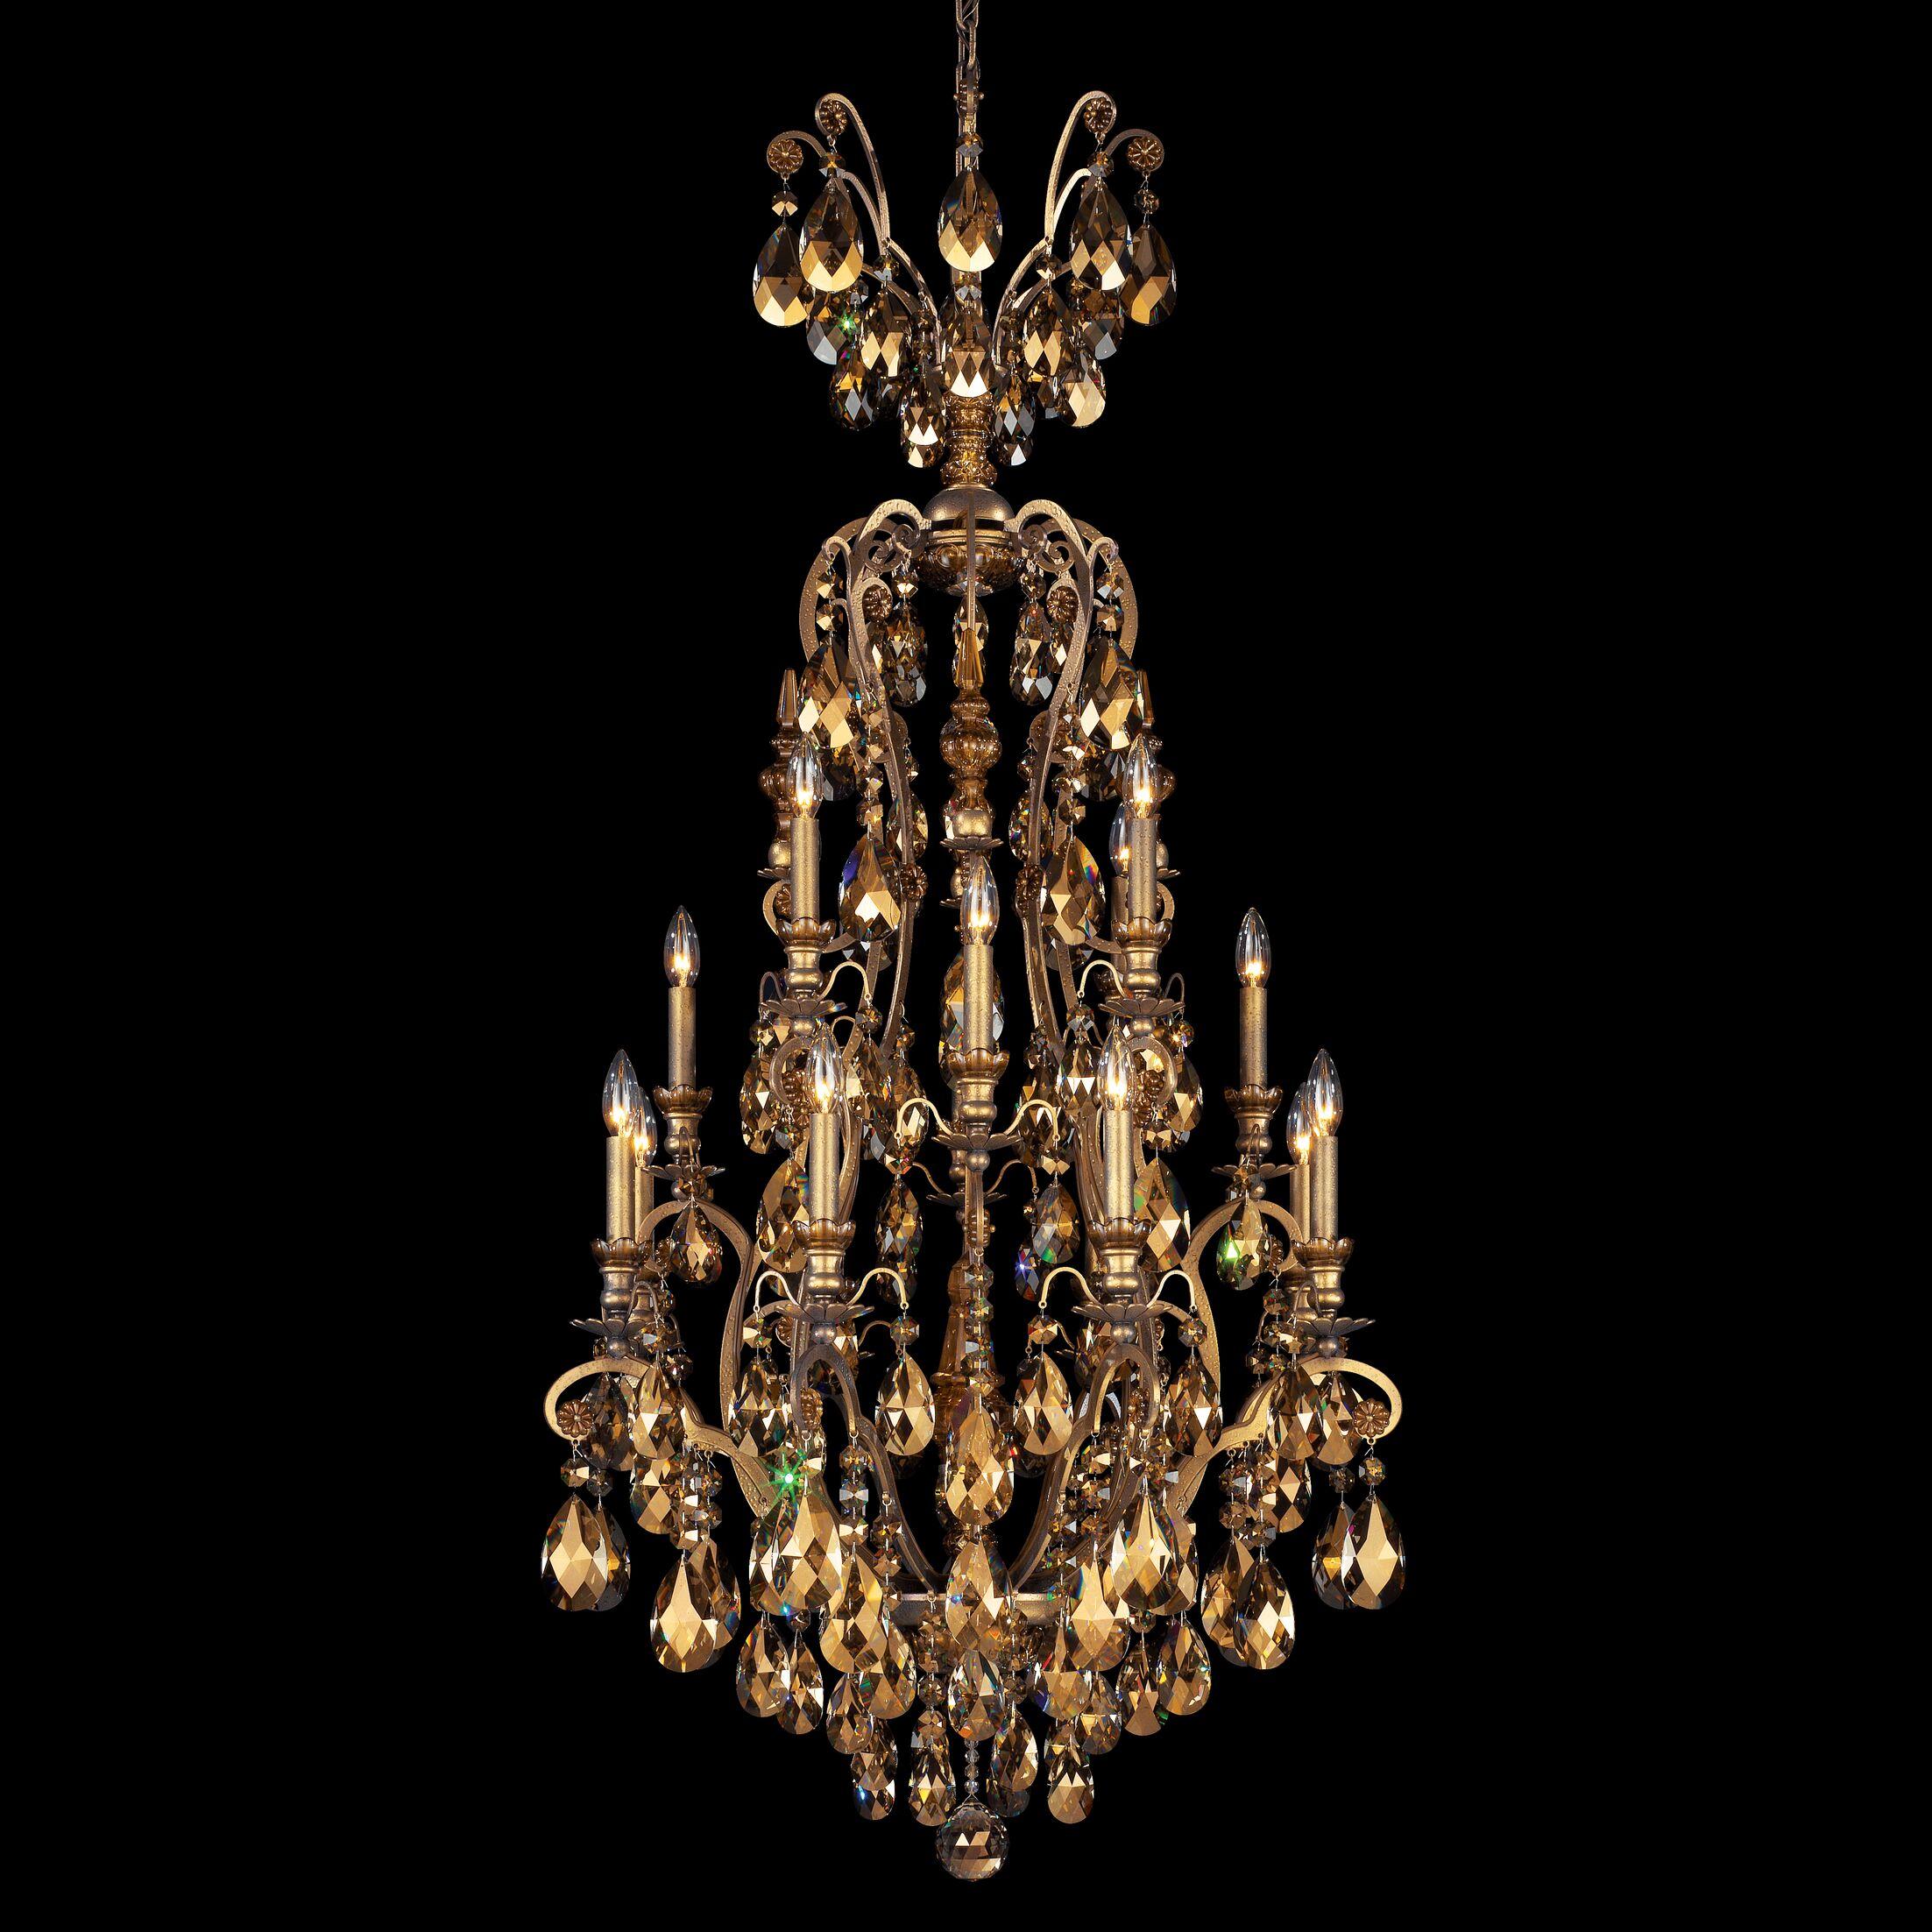 Renaissance 16-Light Chandelier Finish / Crystal Color: Etruscan Gold / Strass Golden Teak